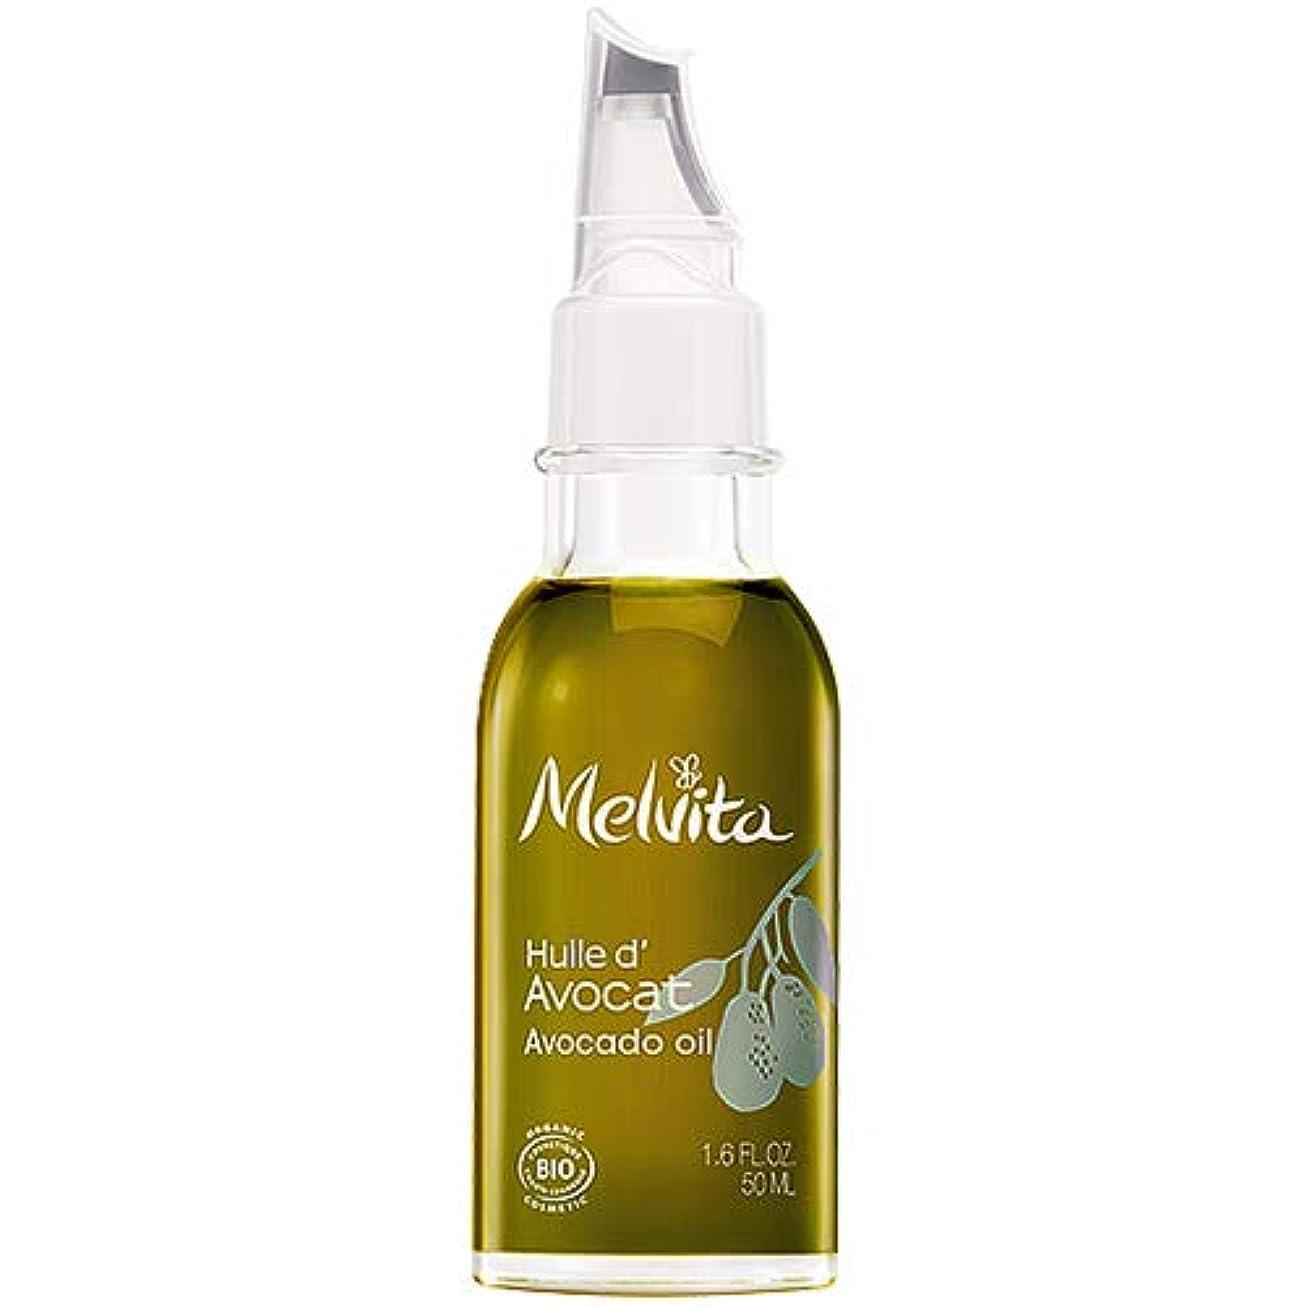 ラッシュ私達署名メルヴィータ MELVITA ビオオイル アボカドオイル 50ml [並行輸入品]